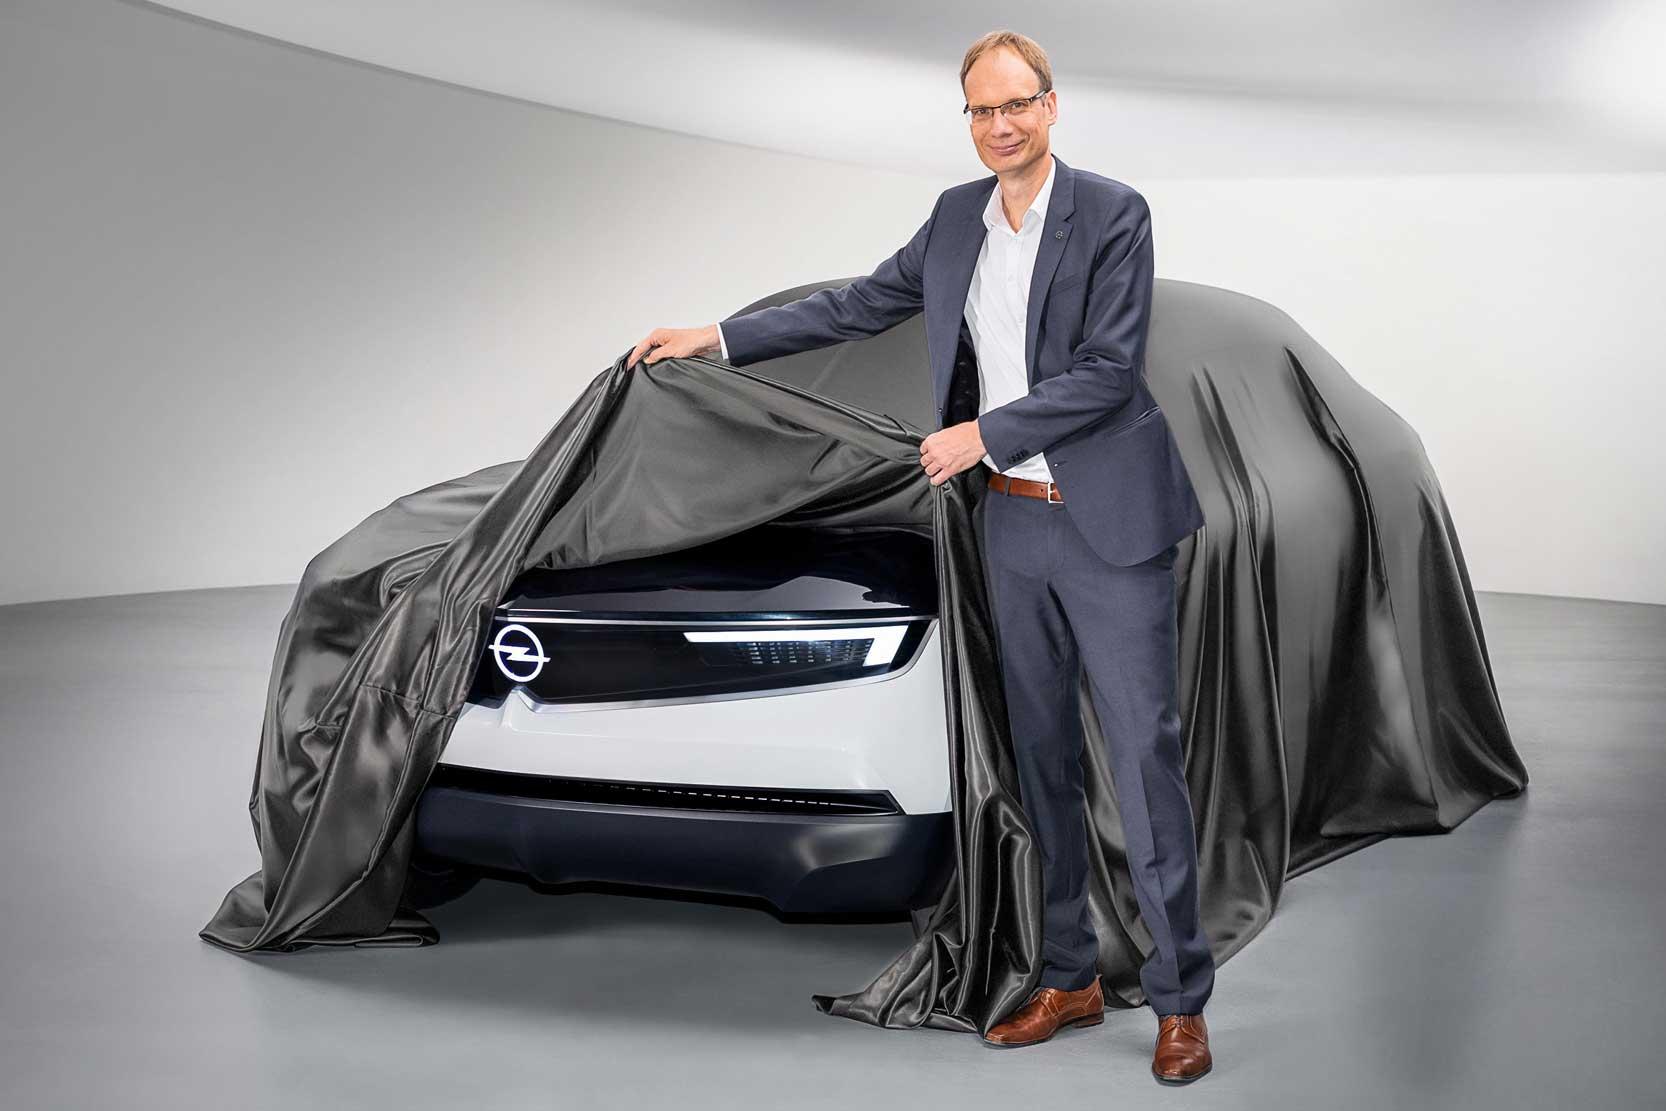 Le patron d'Opel, Michael Lohscheller, dévoile le nouveau site d'Opel. l'Opel Compass.